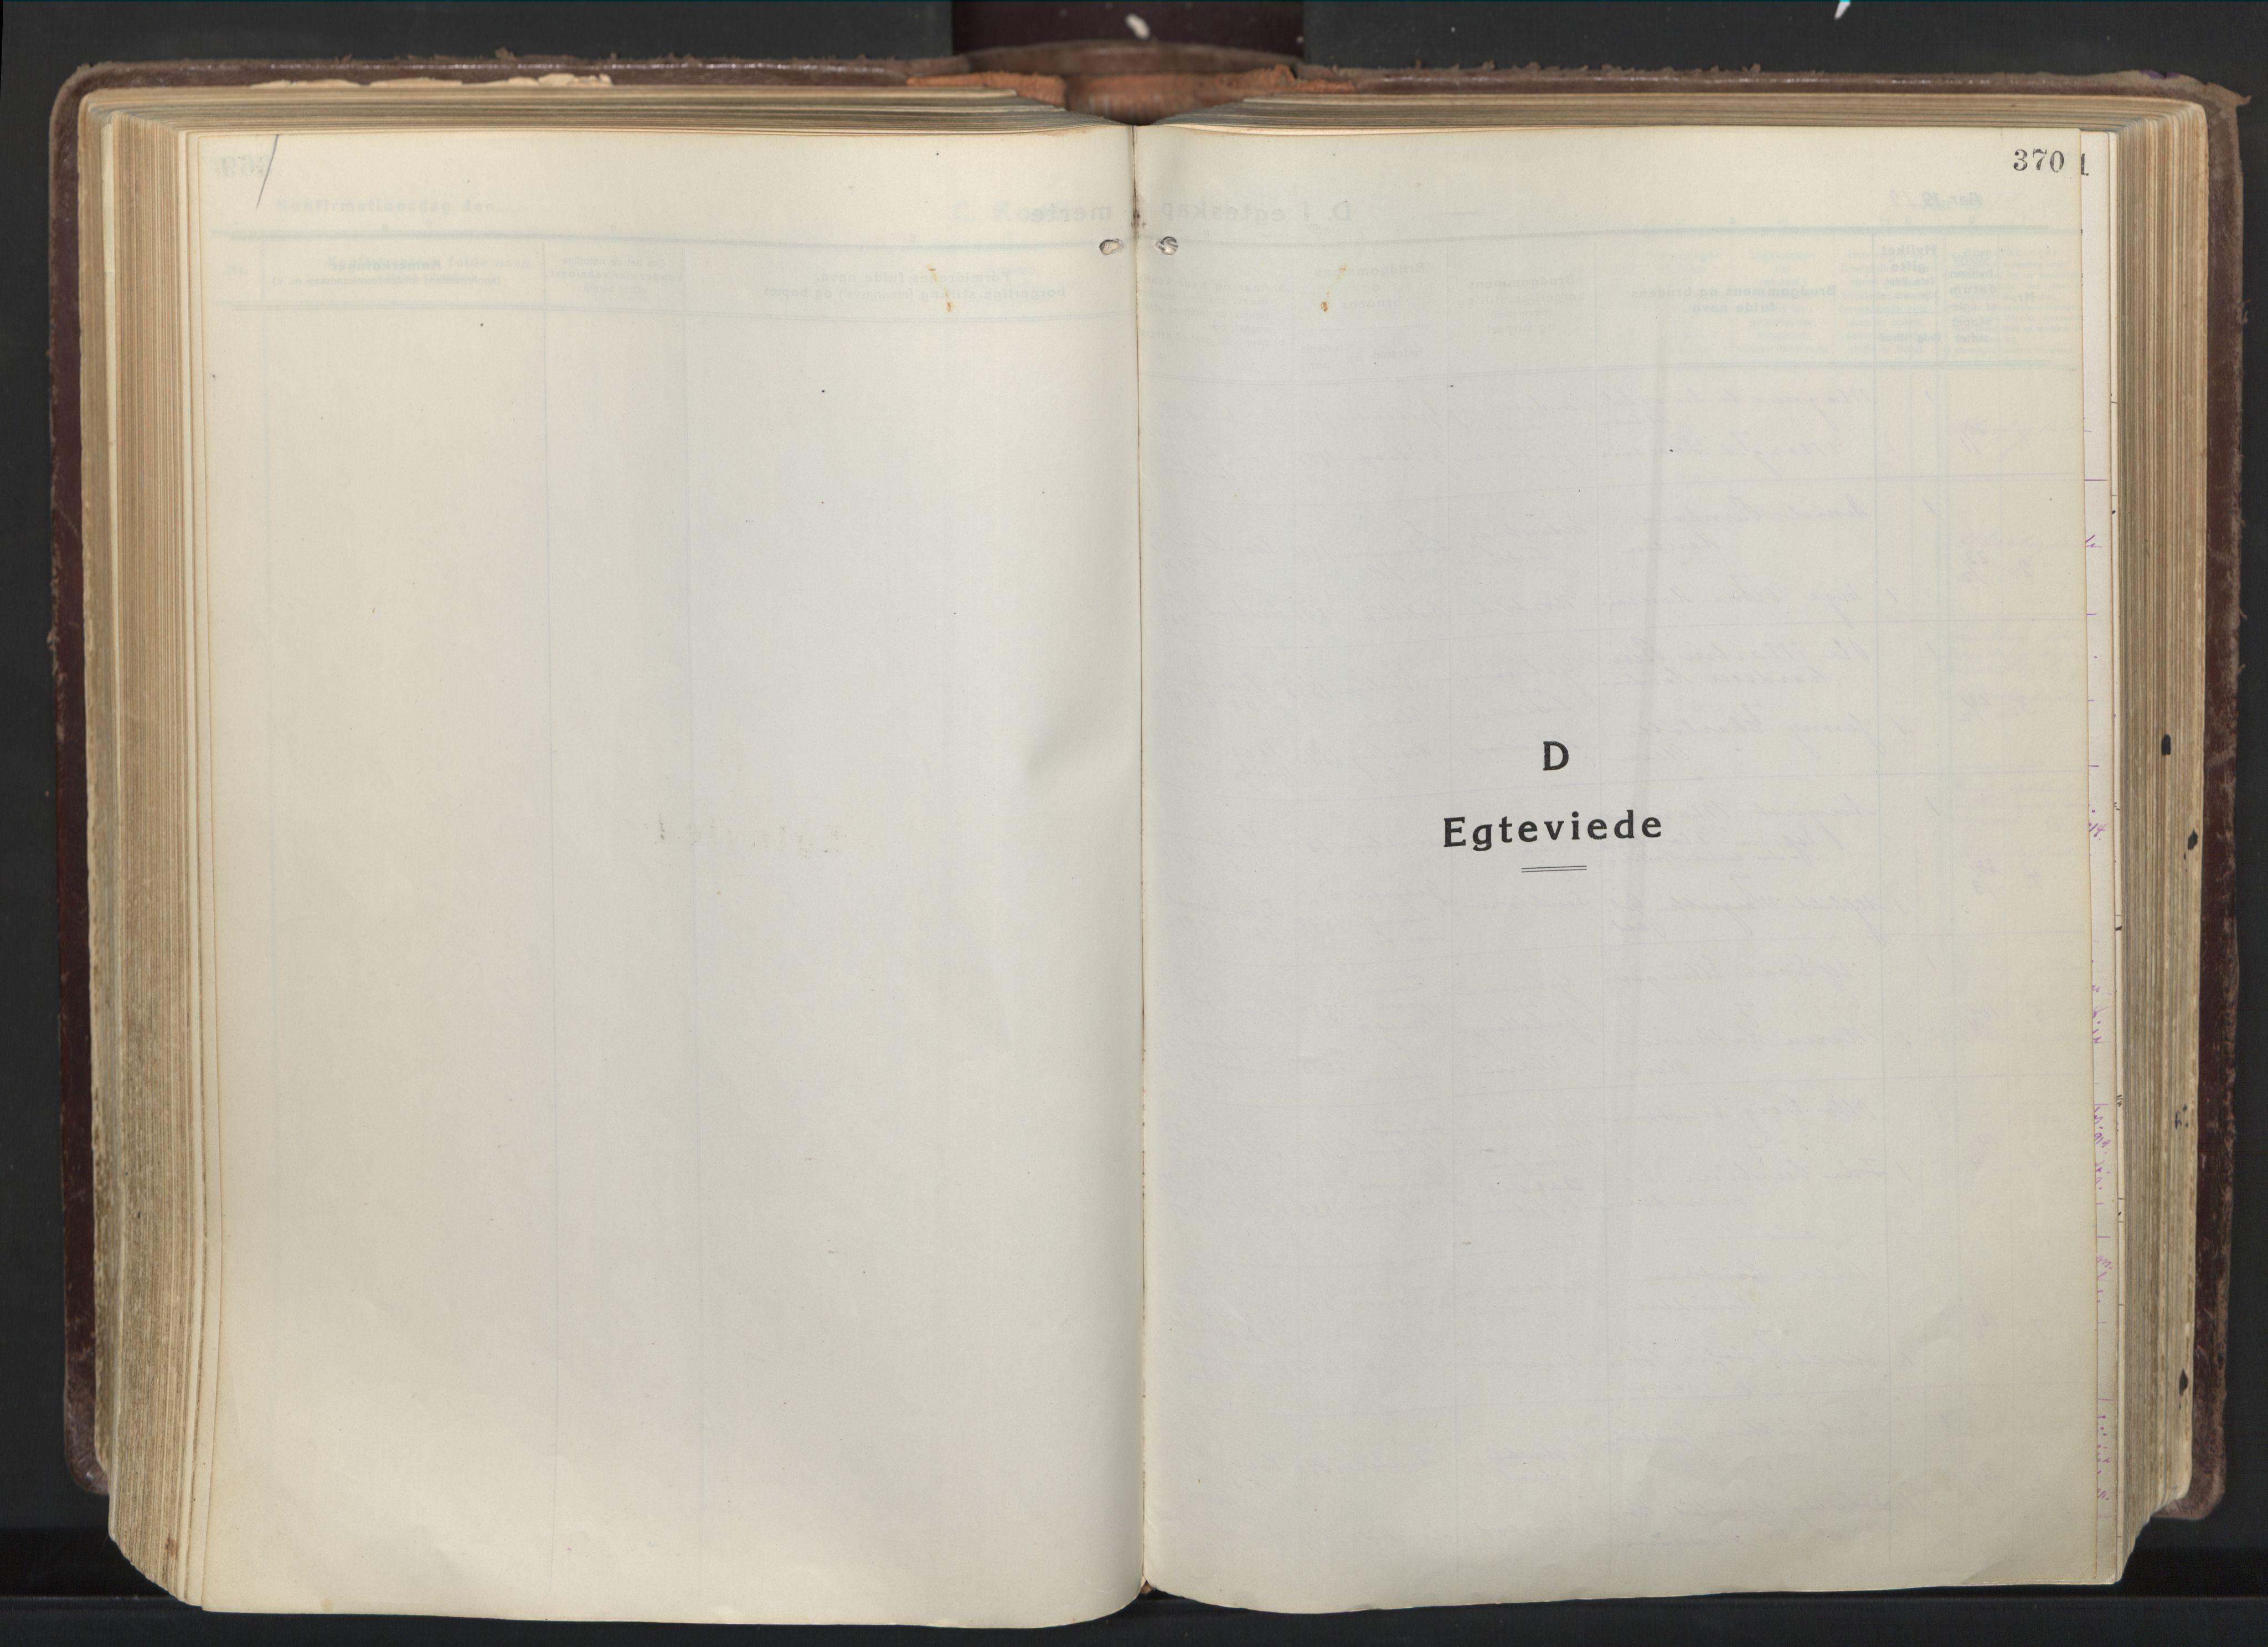 SATØ, Trondenes sokneprestkontor, H/Ha/L0019kirke: Ministerialbok nr. 19, 1919-1928, s. 370